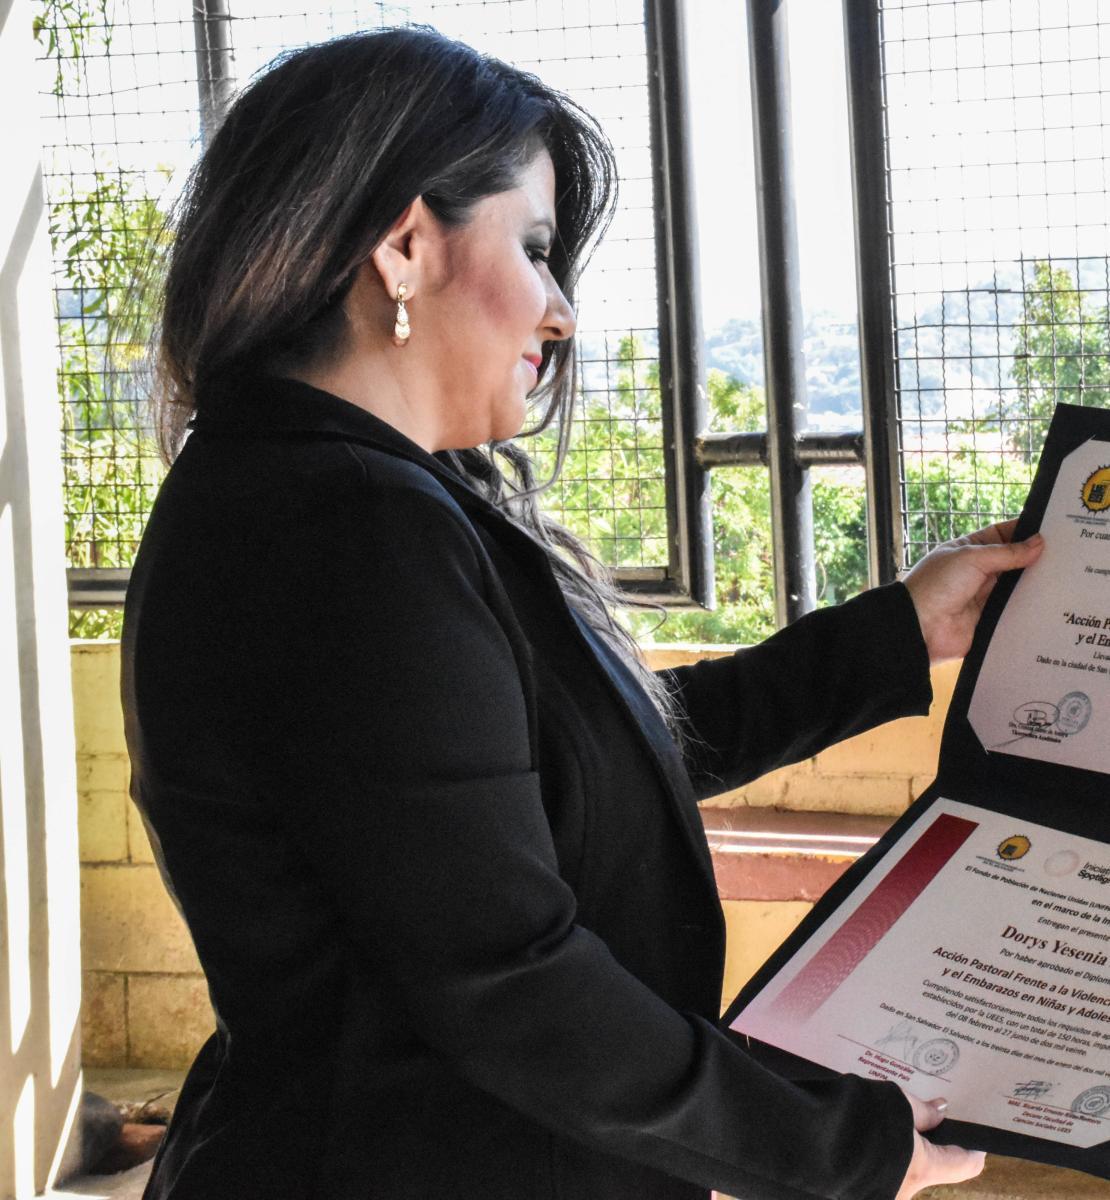 一个穿着黑色夹克的黑发女人看着她的证词。